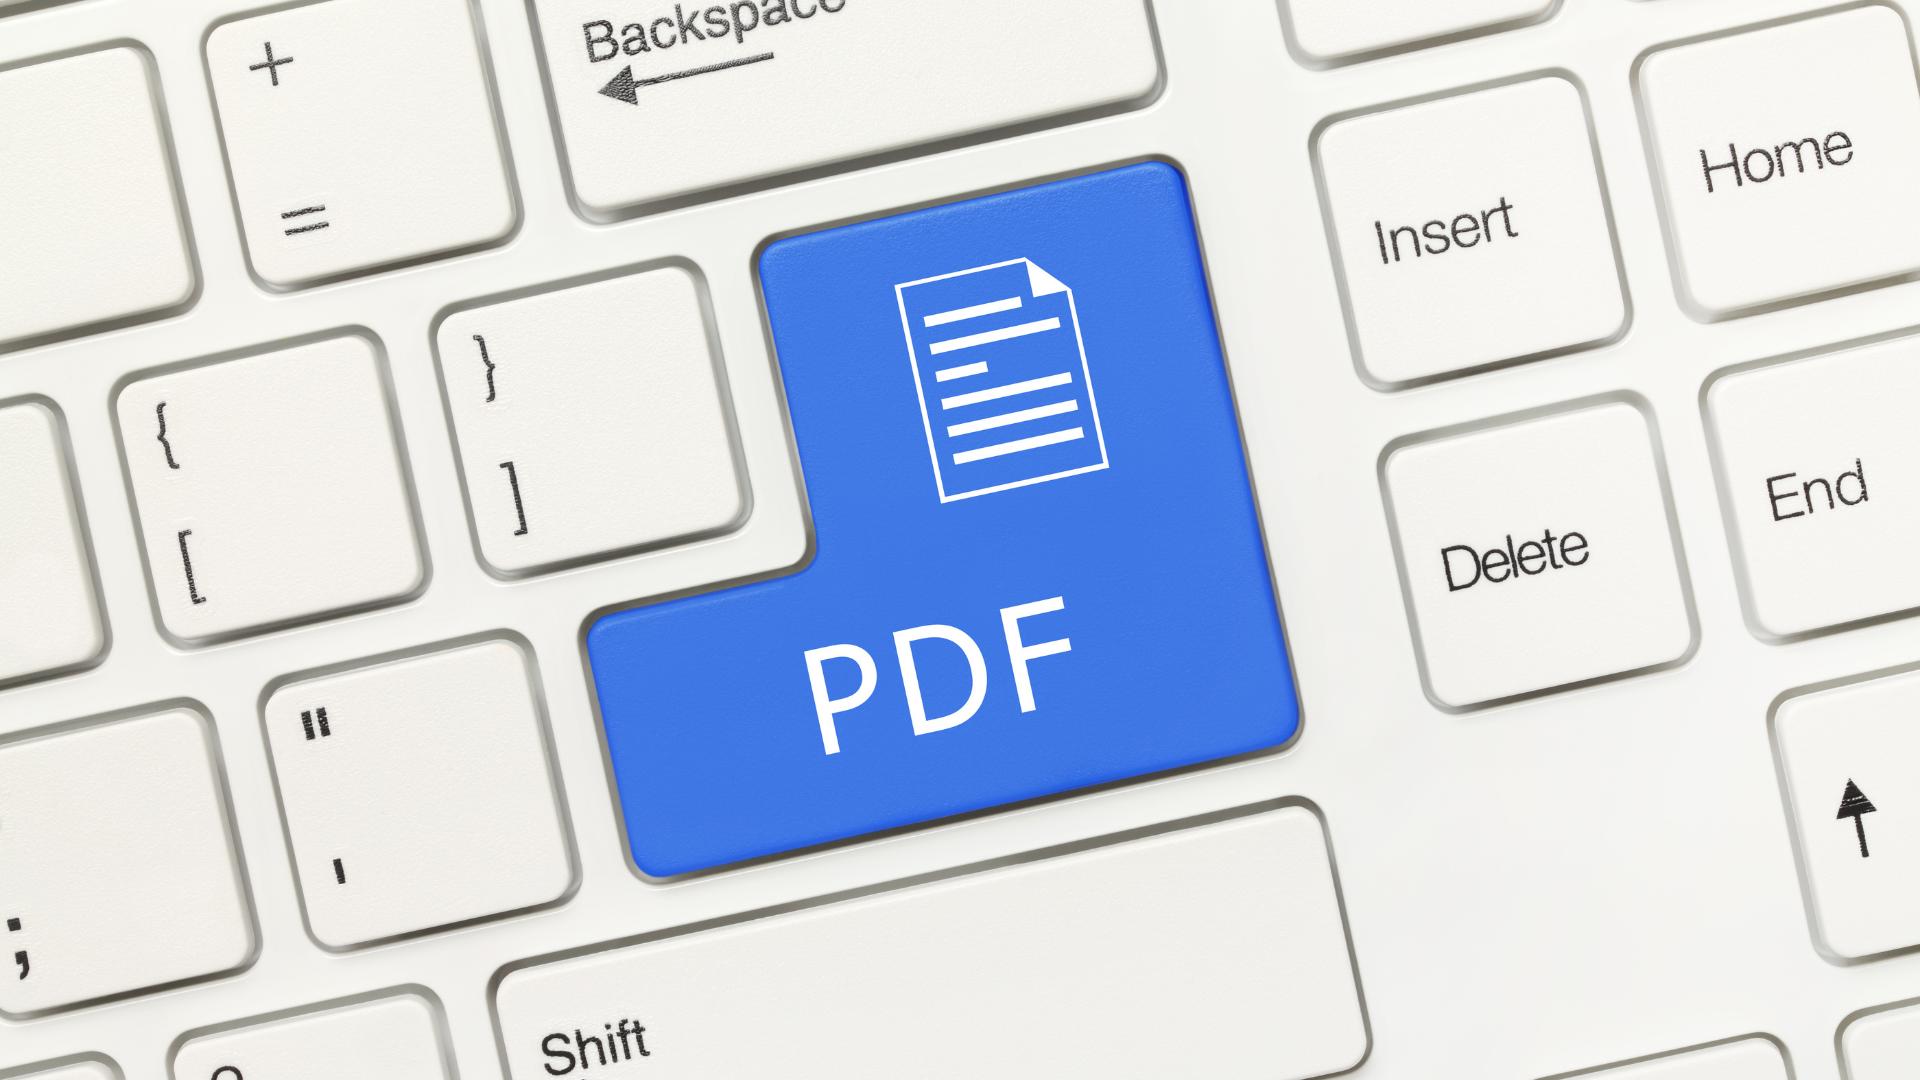 I problemi di stampa di un file PDF